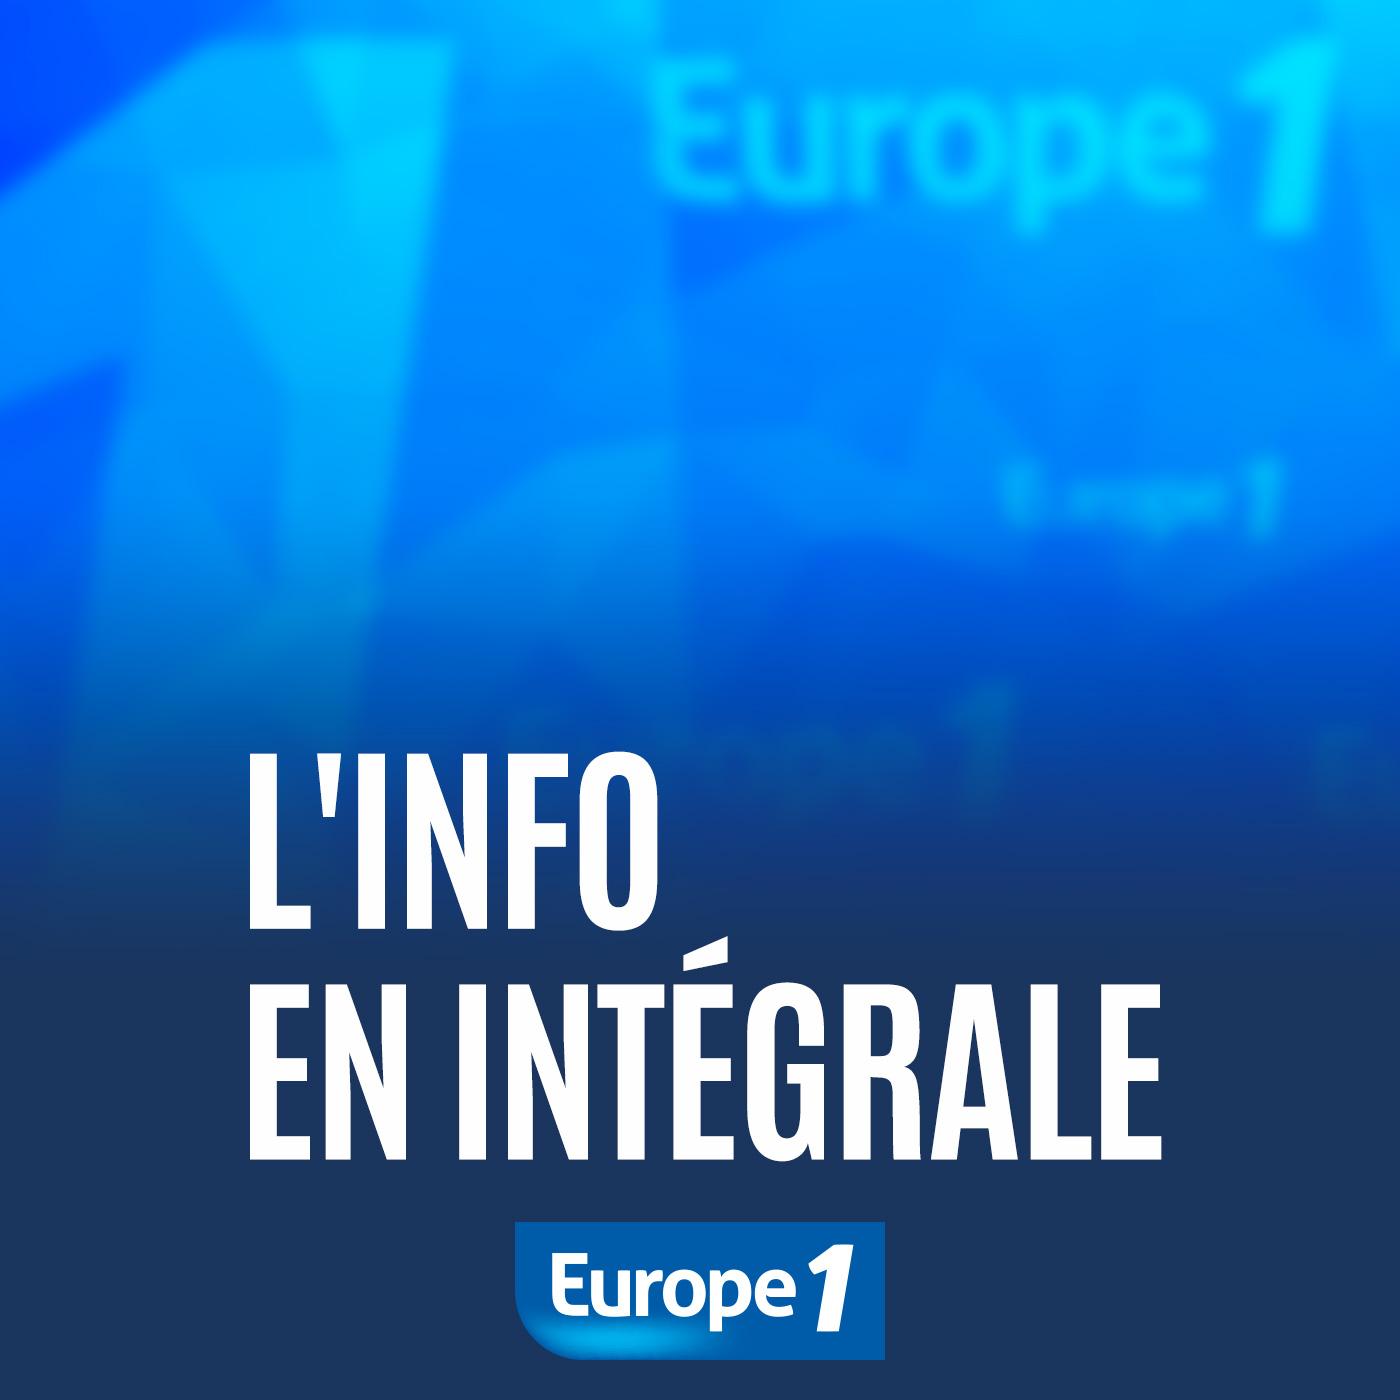 Image 1: L info en integrale Europe 1